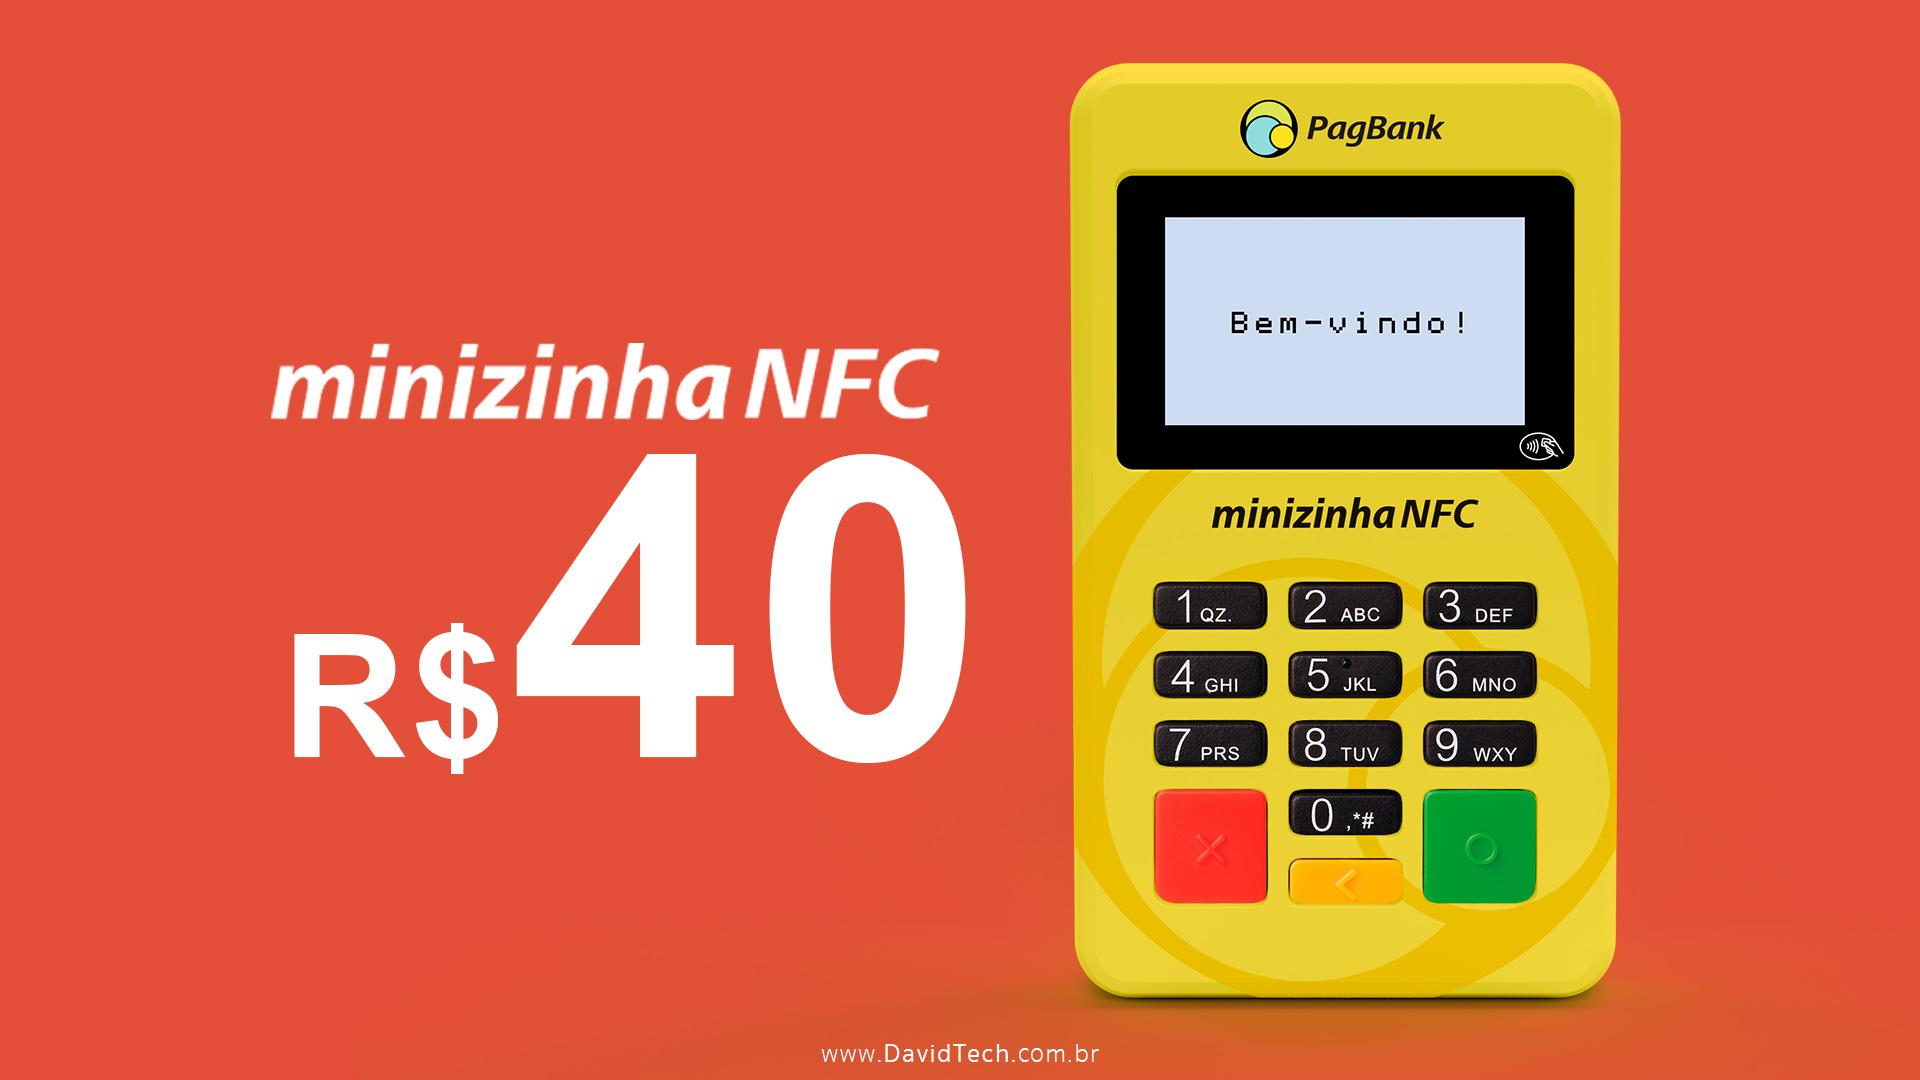 minizinha nfc 40 reais cupom de desconto